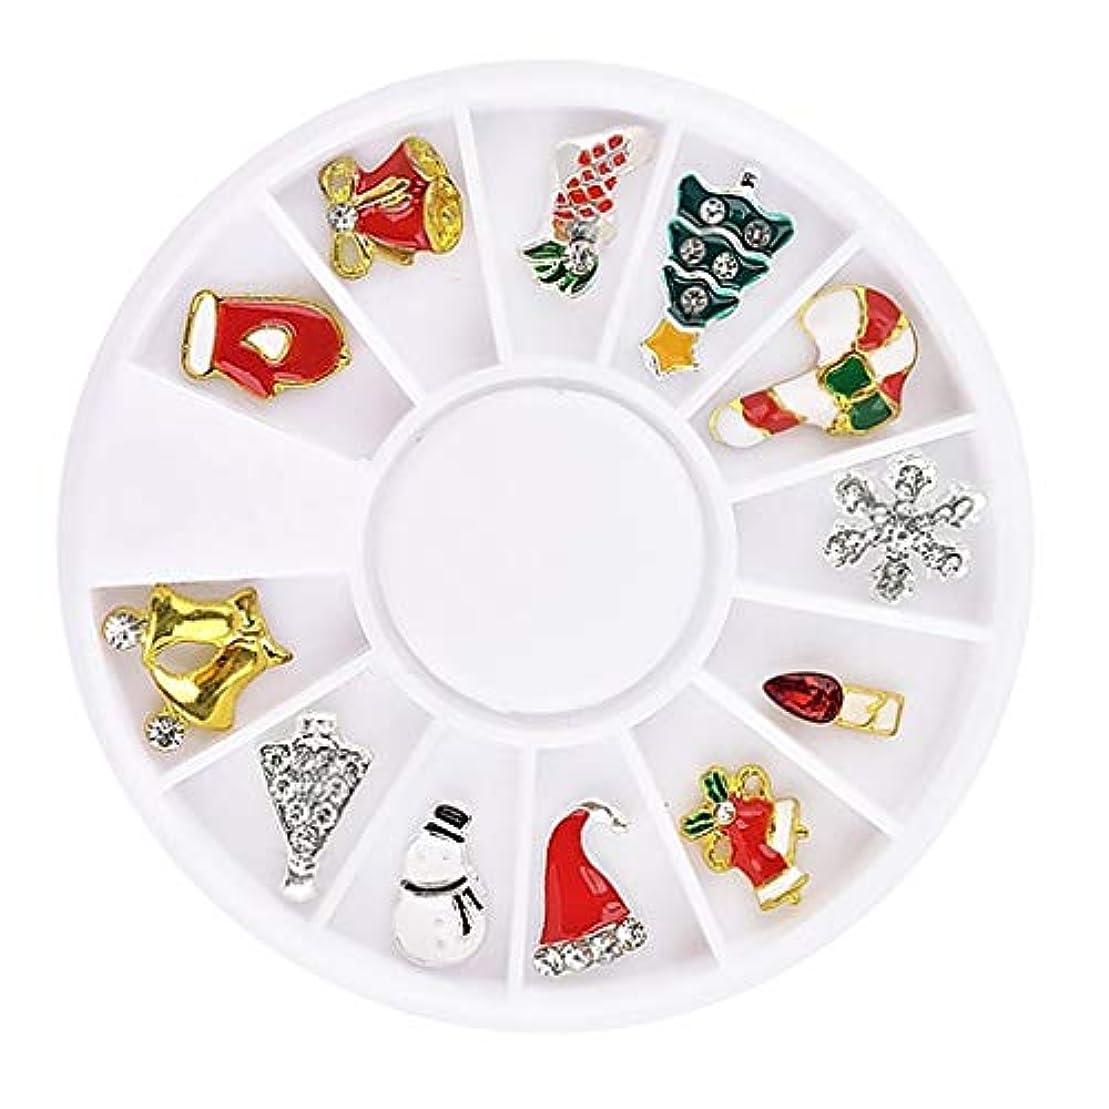 レオナルドダライオネルグリーンストリートネブCUTICATE ネイル用品 クリスマス風 ネイルアートステッカー 3Dネイルアート ネイルアートシール 12枚セット - #3